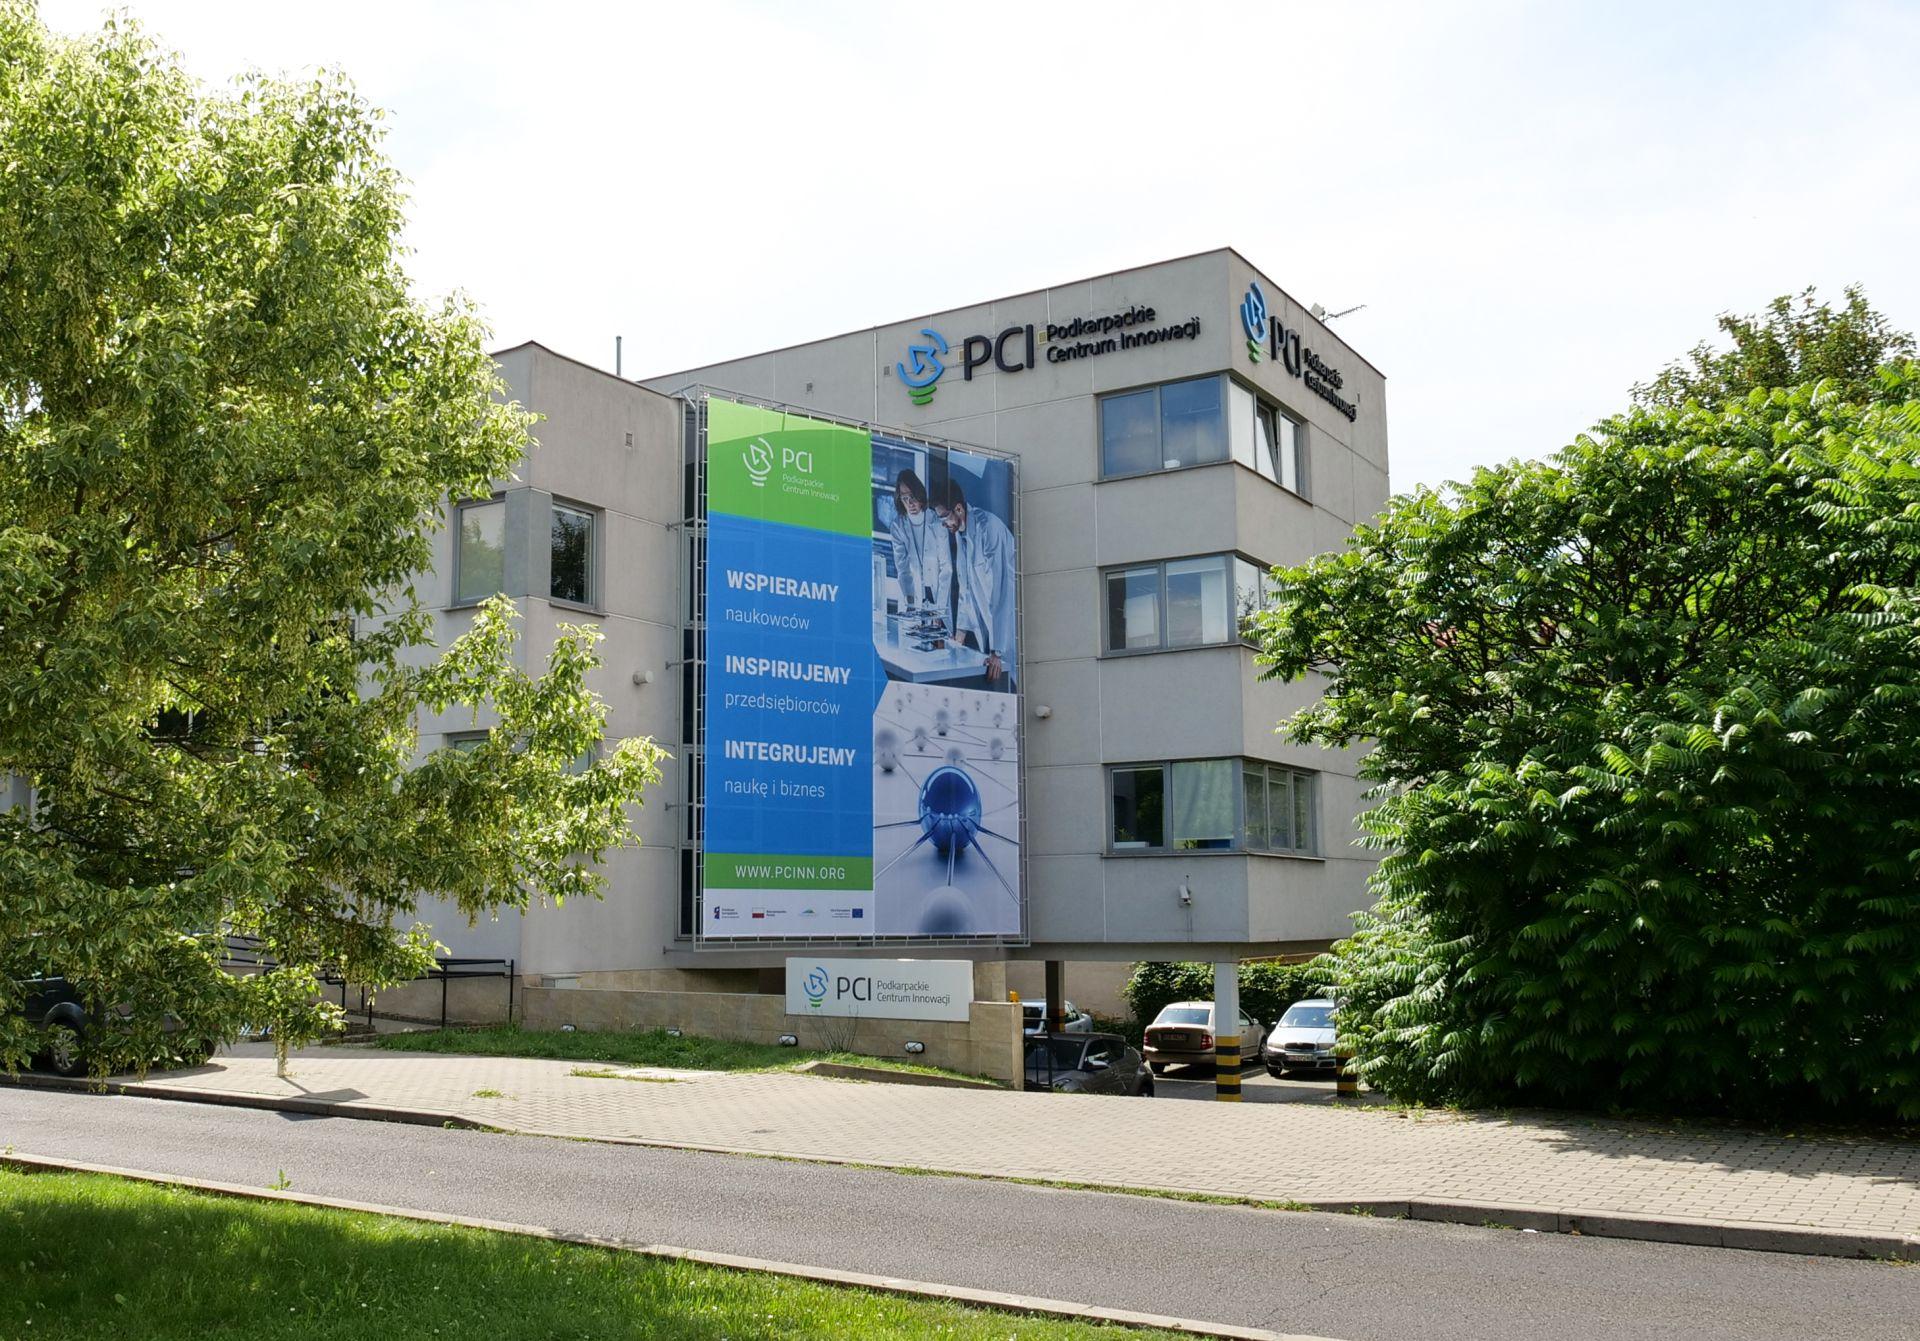 Siedziba Podkarpackiego Centrum Innowacji (PCI). Na budynku ogromny baner z napisem: Wspieramy naukowców, inspirujemy przedsiębiorców, integrujemy naukę i biznes